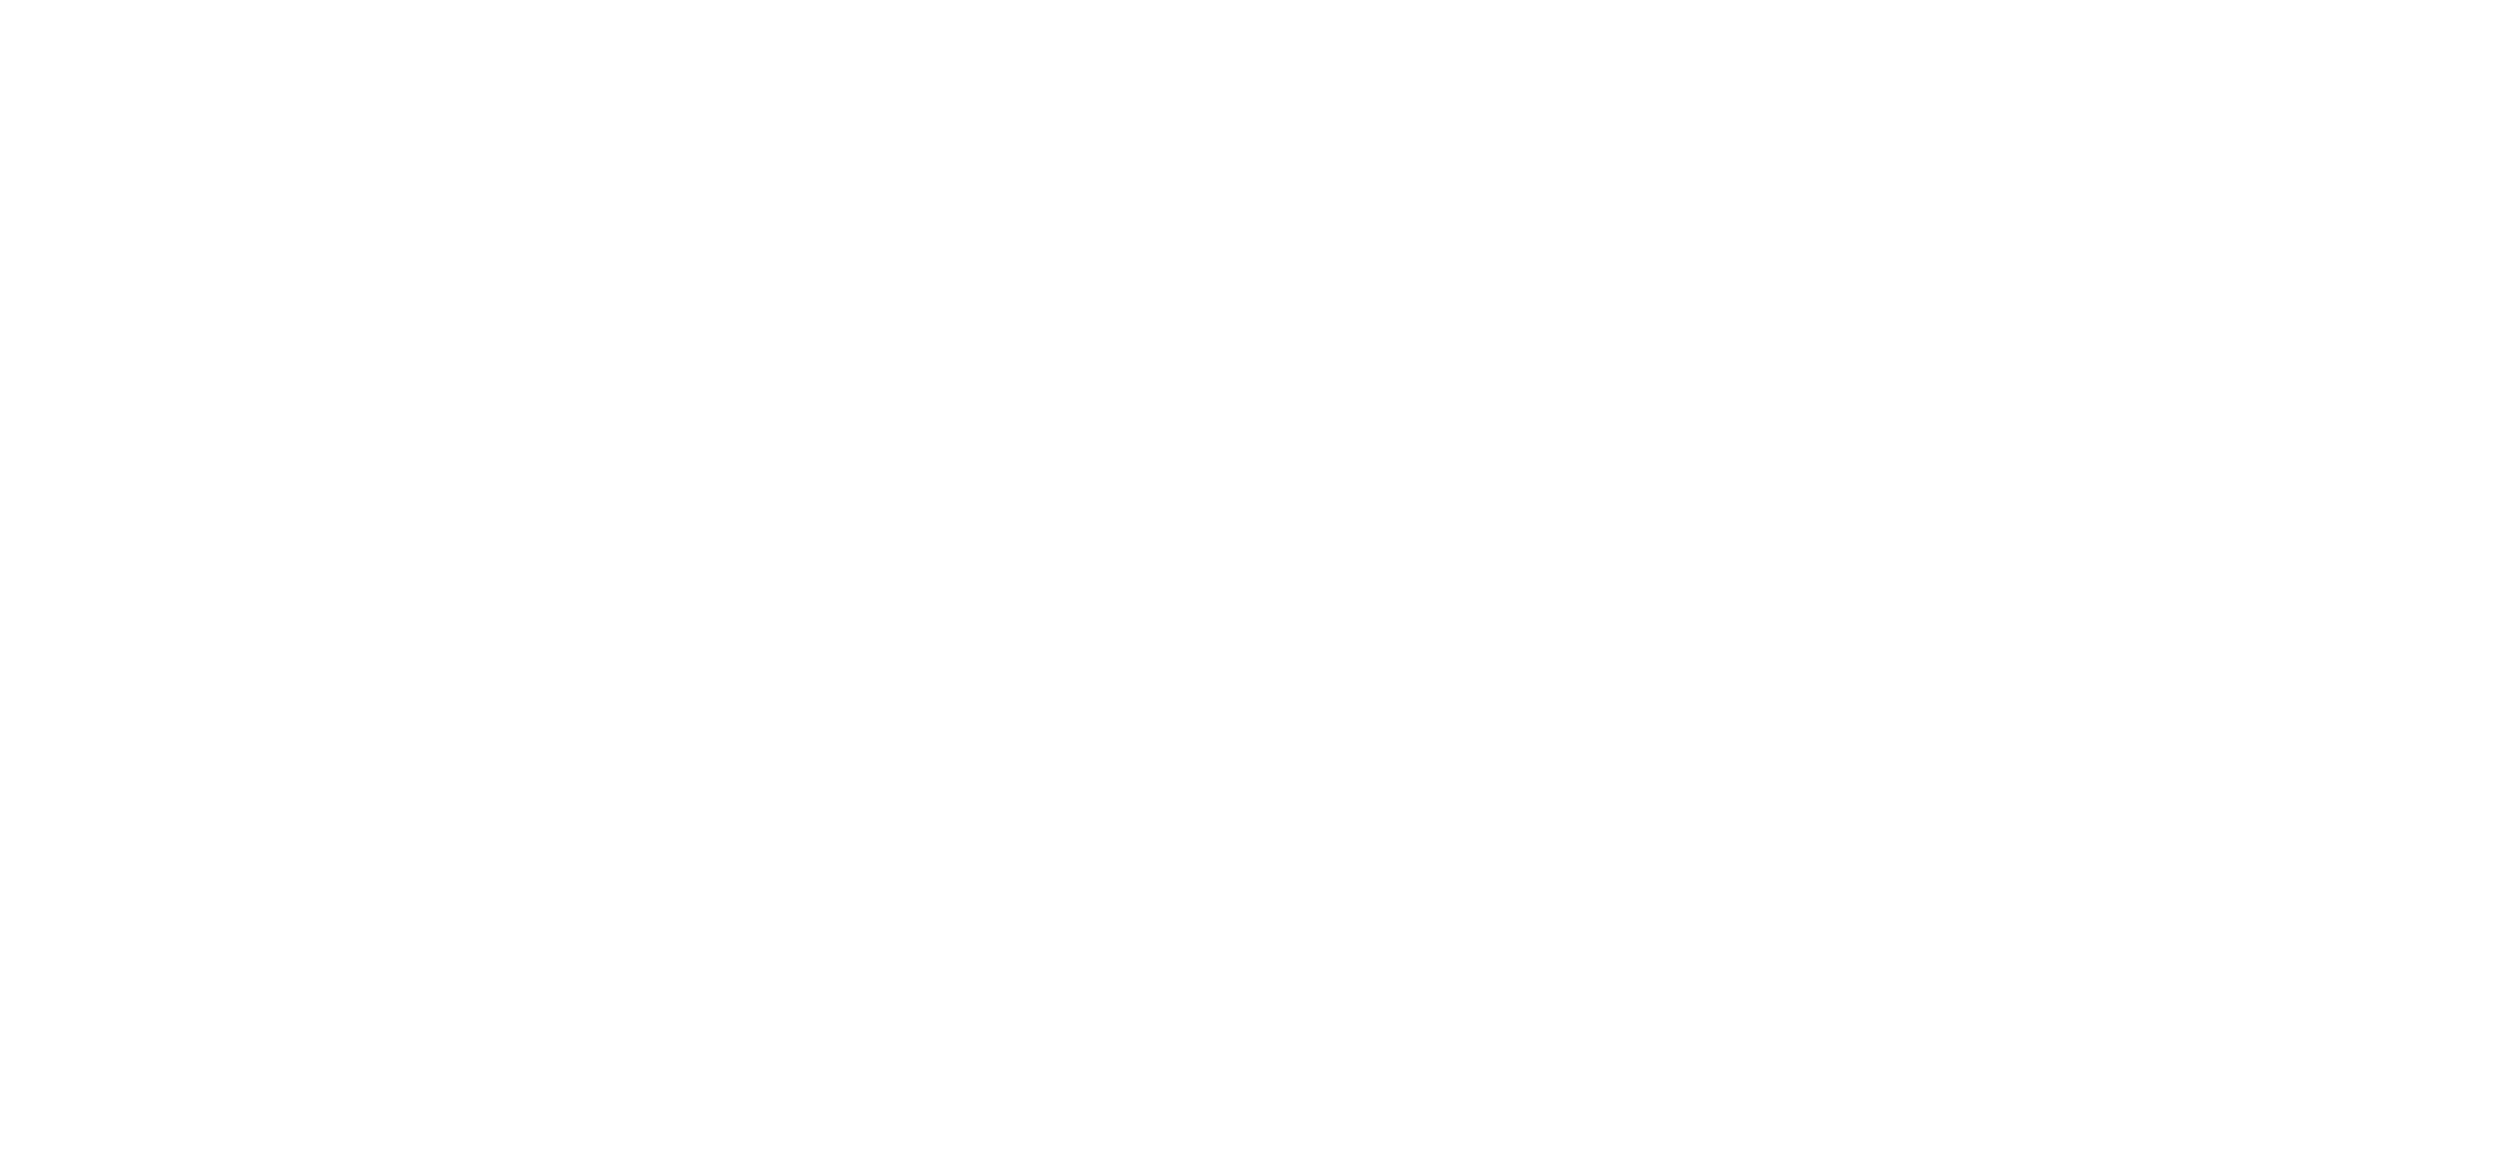 Enlighten Solutions